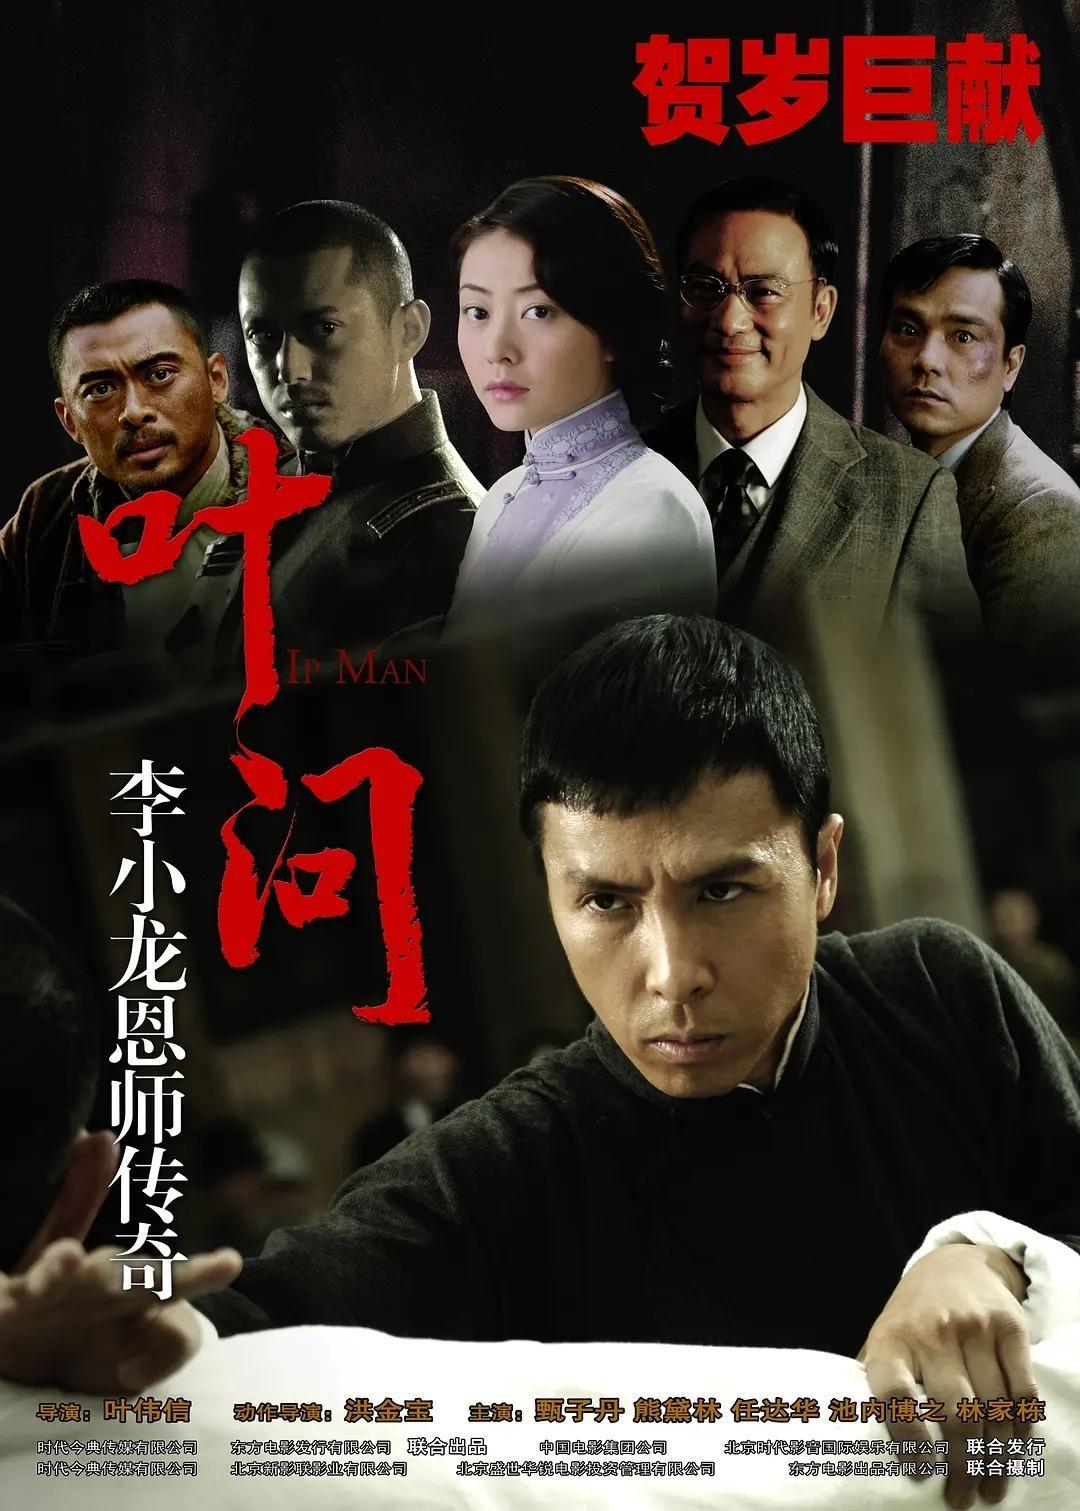 2008-2015[动作][叶问/Yip Man/Ip Man]系列电影1-3部合集 百度云高清下载图片 第1张